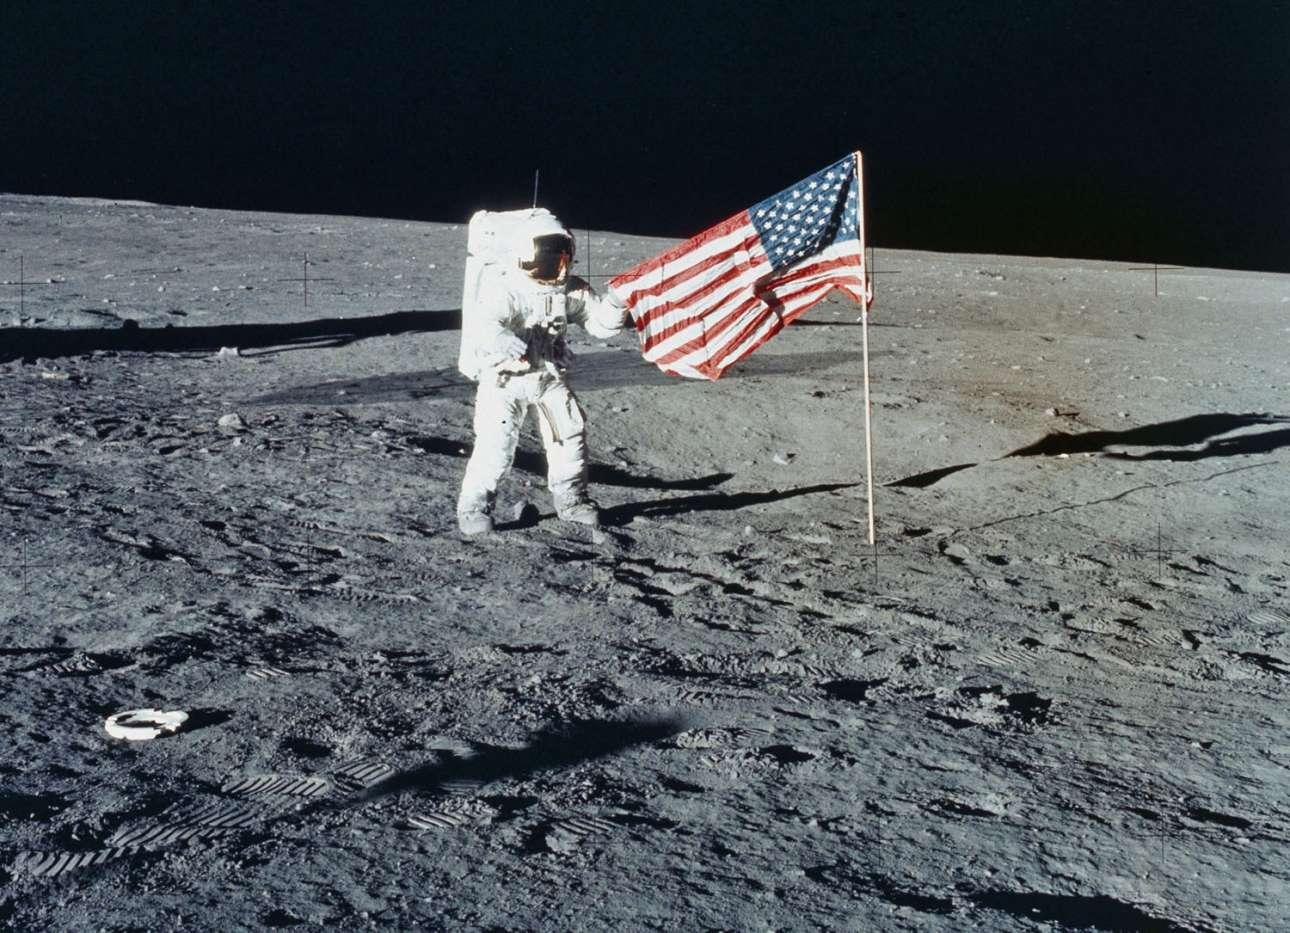 Ο Τσαρλς Κόνραντ μόλις έχει στήσει και ξεδιπλώσει τη σημαία των Ηνωμένων Πολιτειών της Αμερικής. 19 Νοεμβρίου του 1969